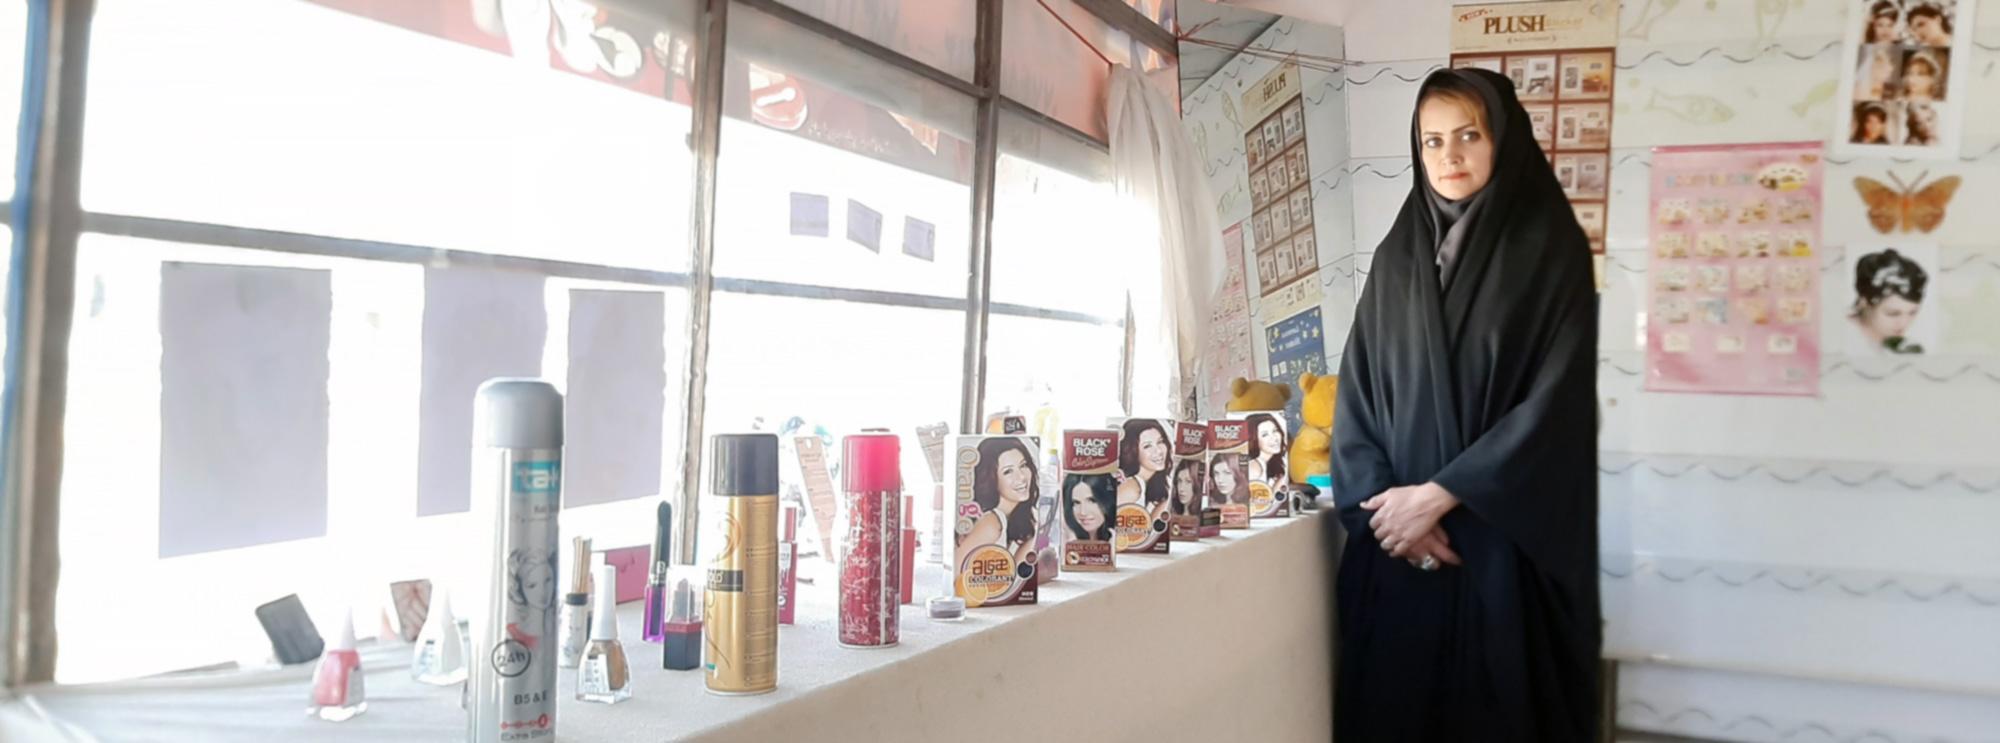 شقایش در آرایشگاهاش در بازار ممنوع کار